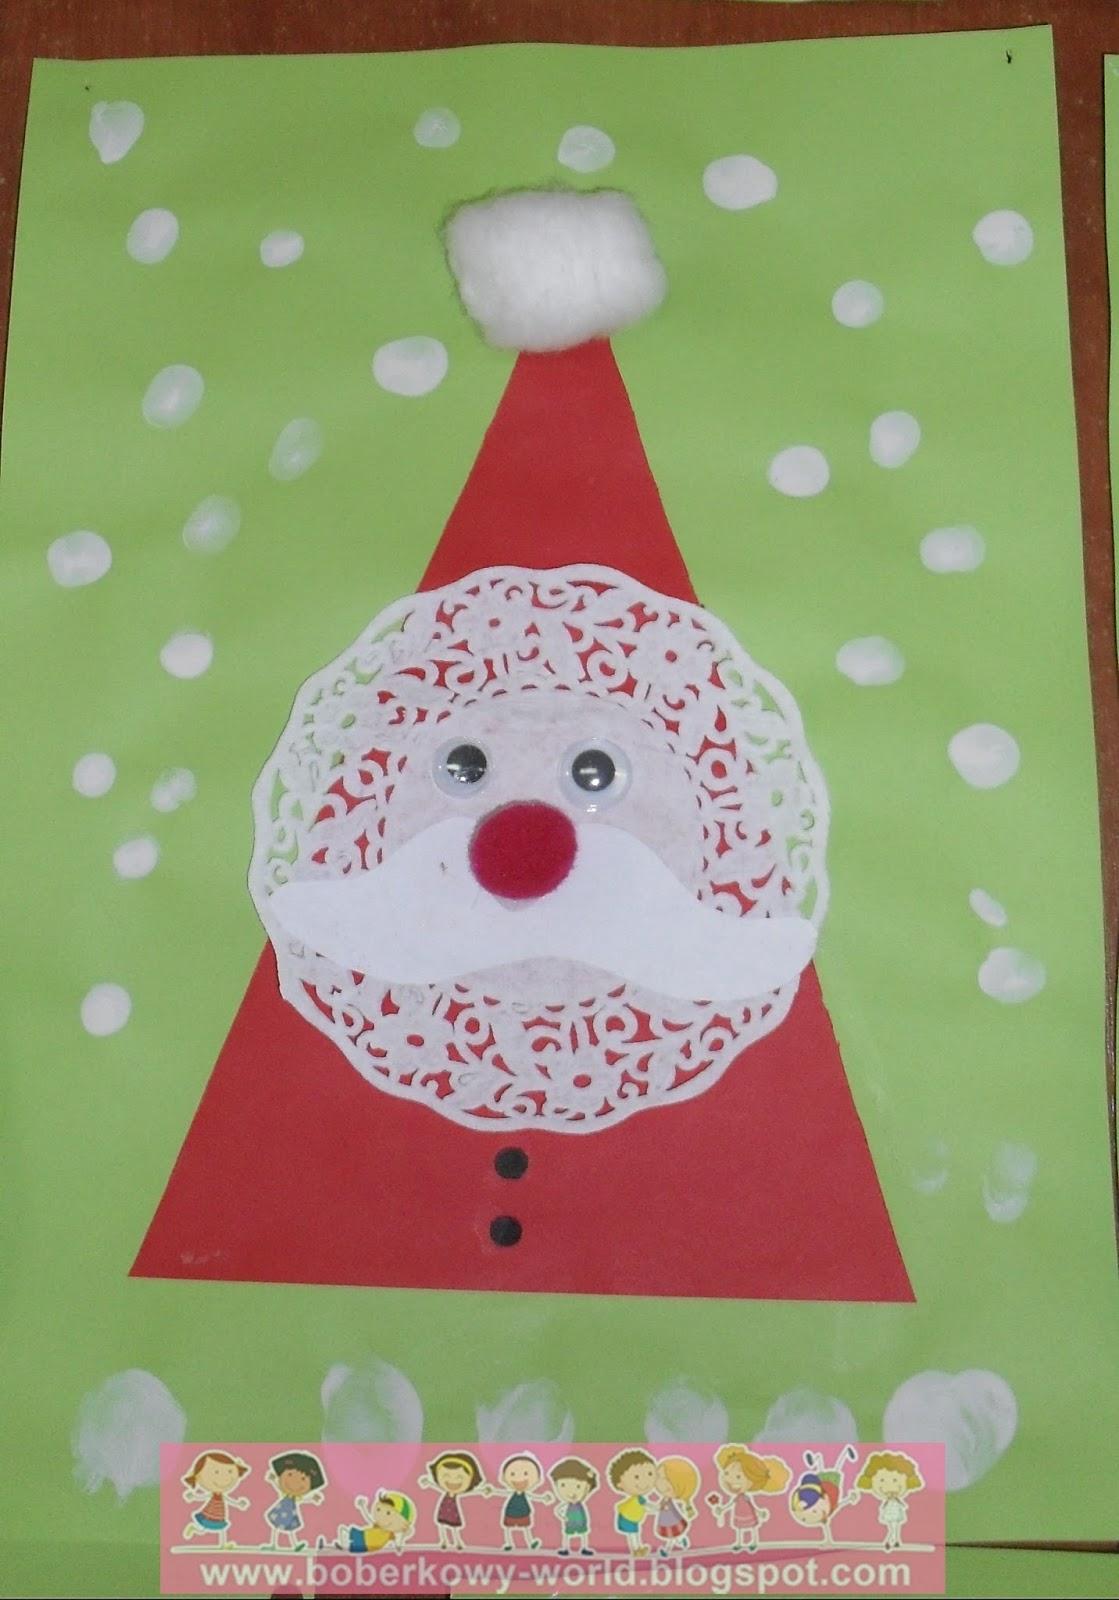 Boberkowy World Mikołaj Praca Plastyczna